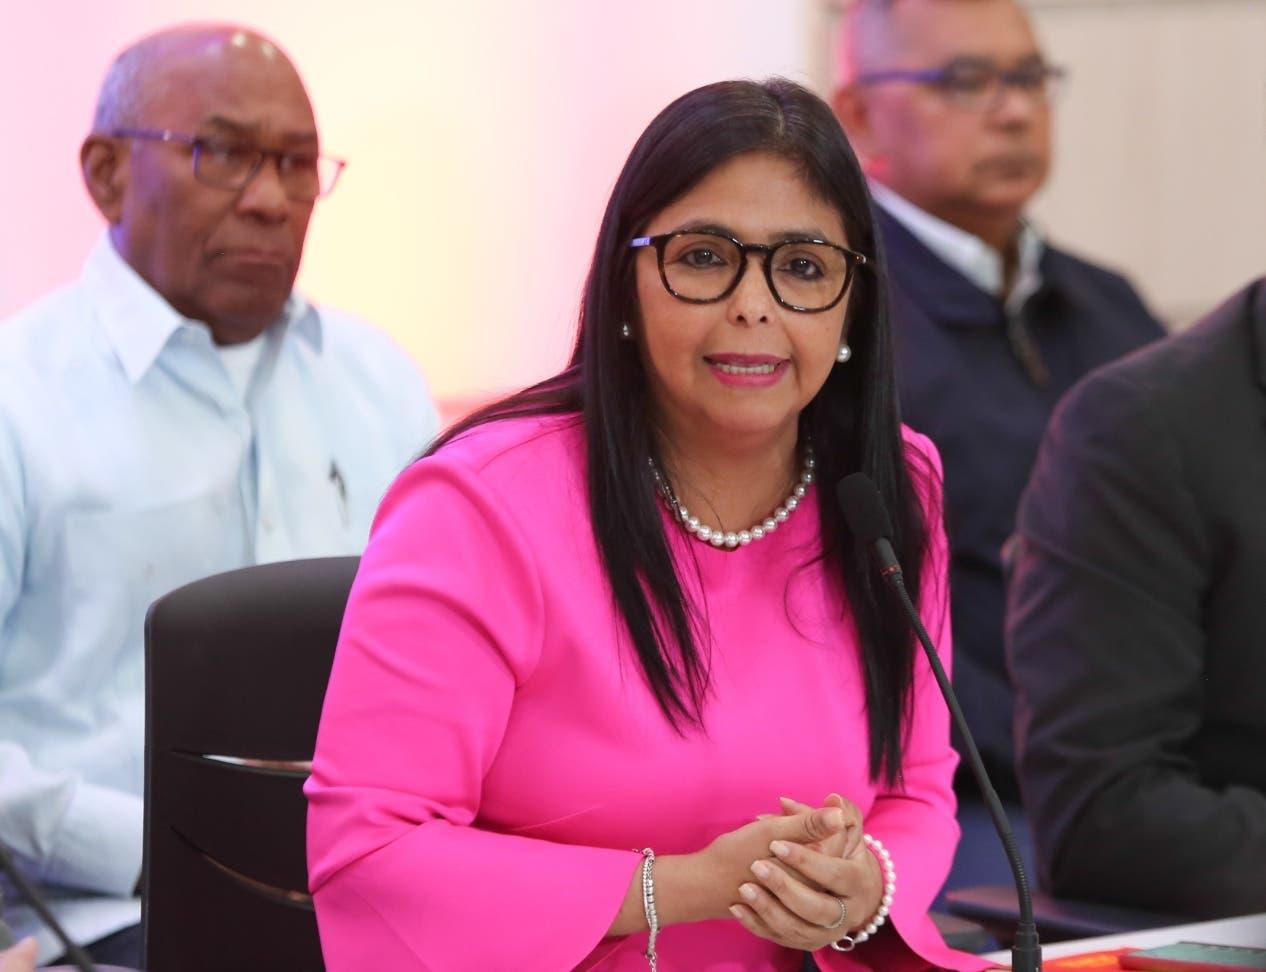 La vicepresidenta venezolana Delcy Rodríguez declaró que Trump  amenaza el orden mundial.